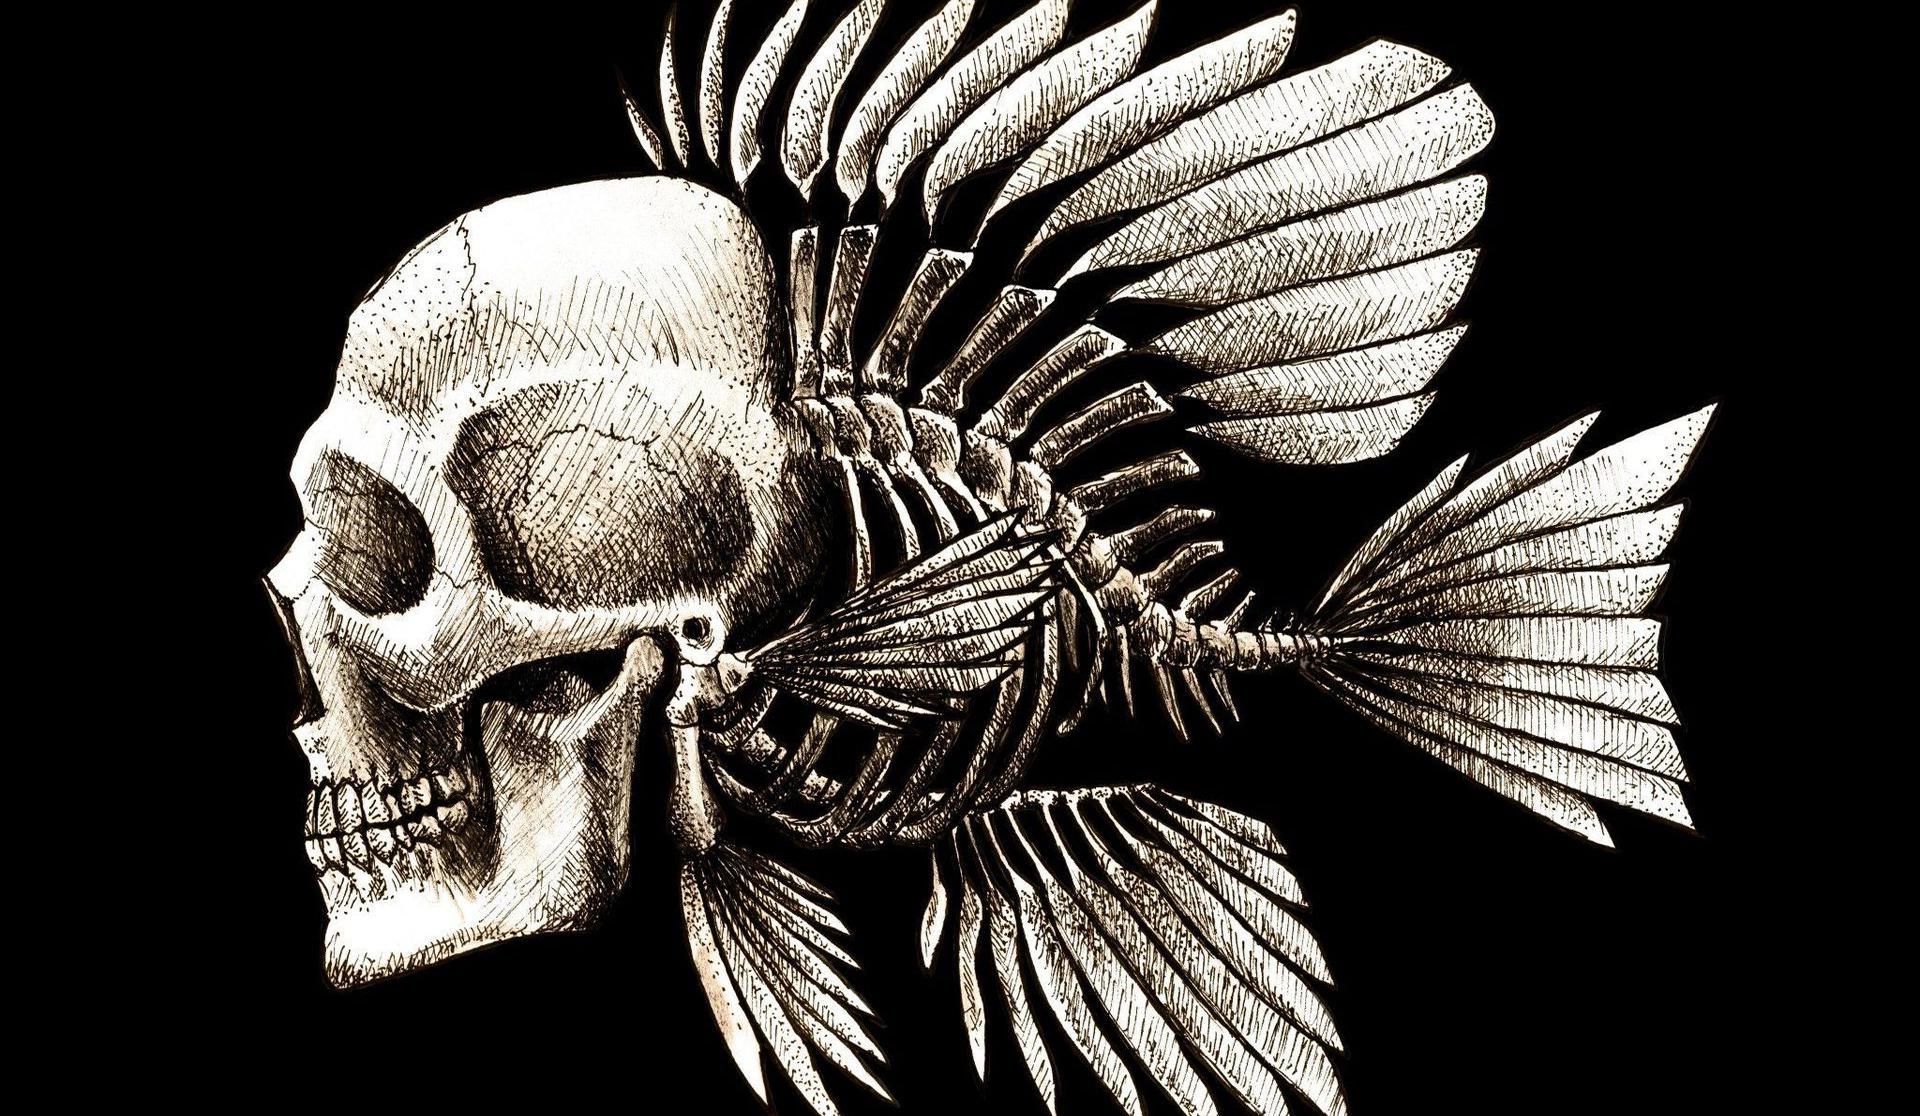 Skulls Humor Fish Artwork Charles Darwin Bones Seaman Wallpapers 1920x1116